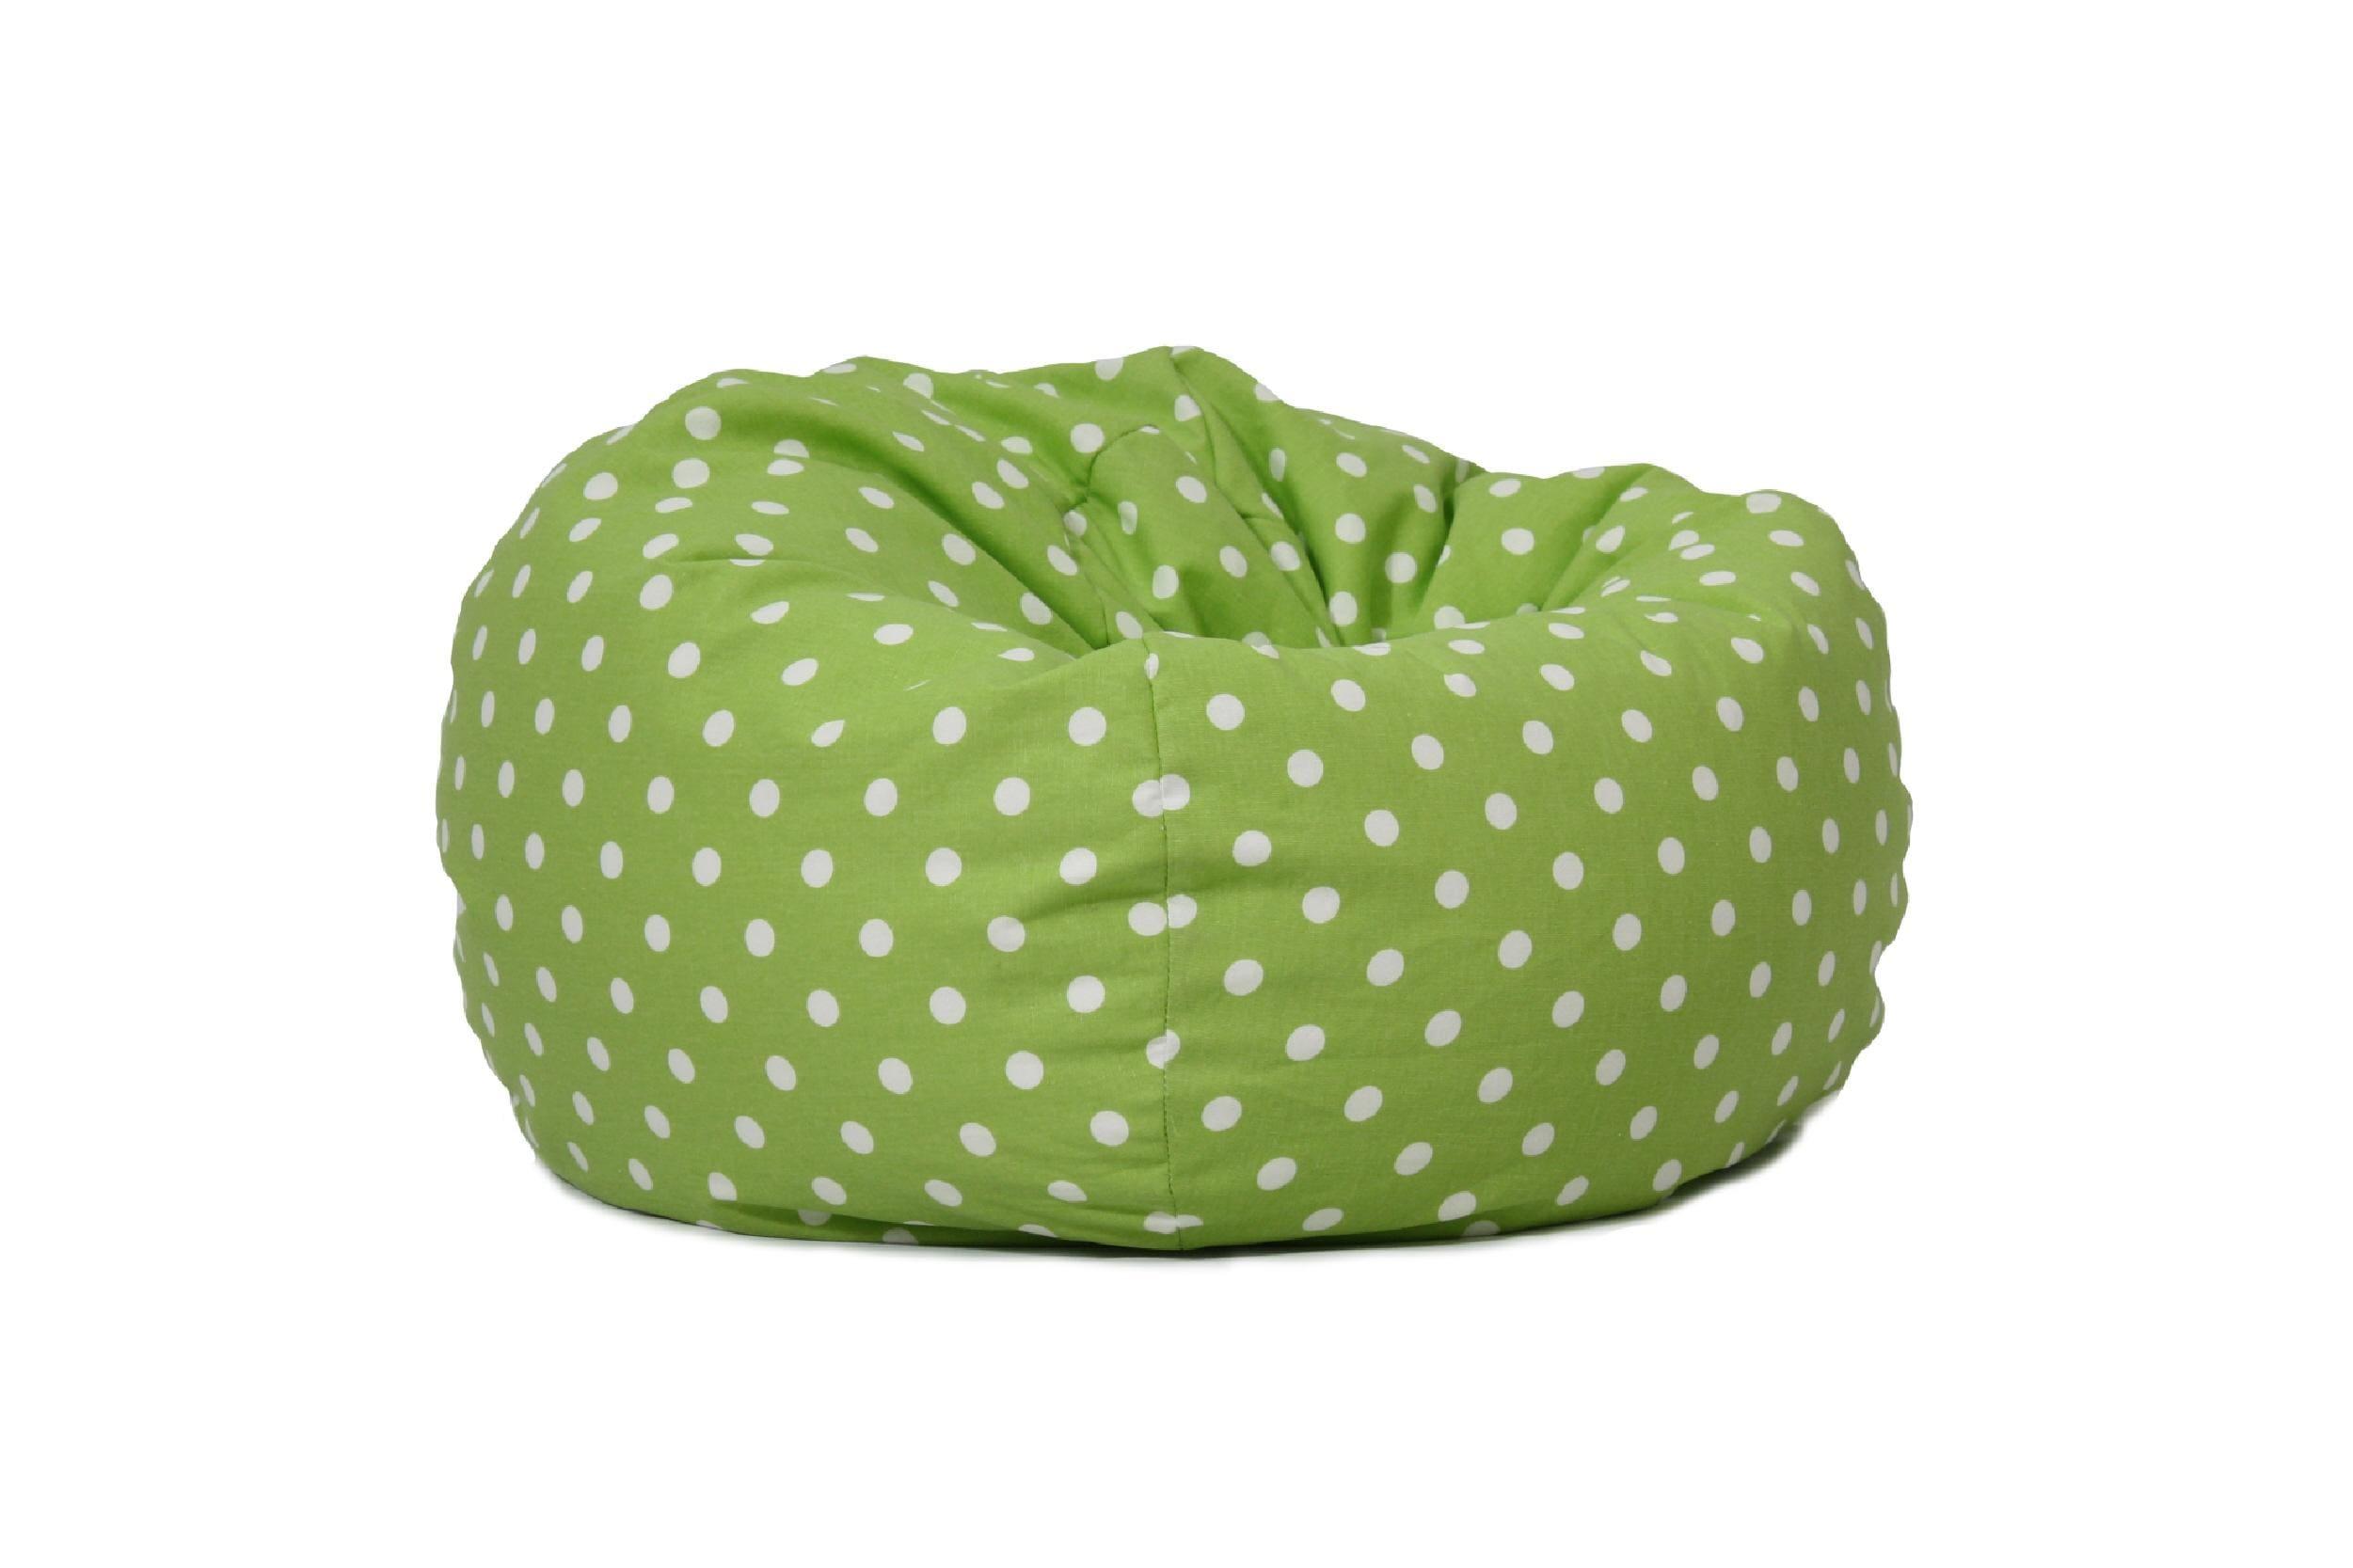 BeanSack Polka Dot Green Bean Bag Chair